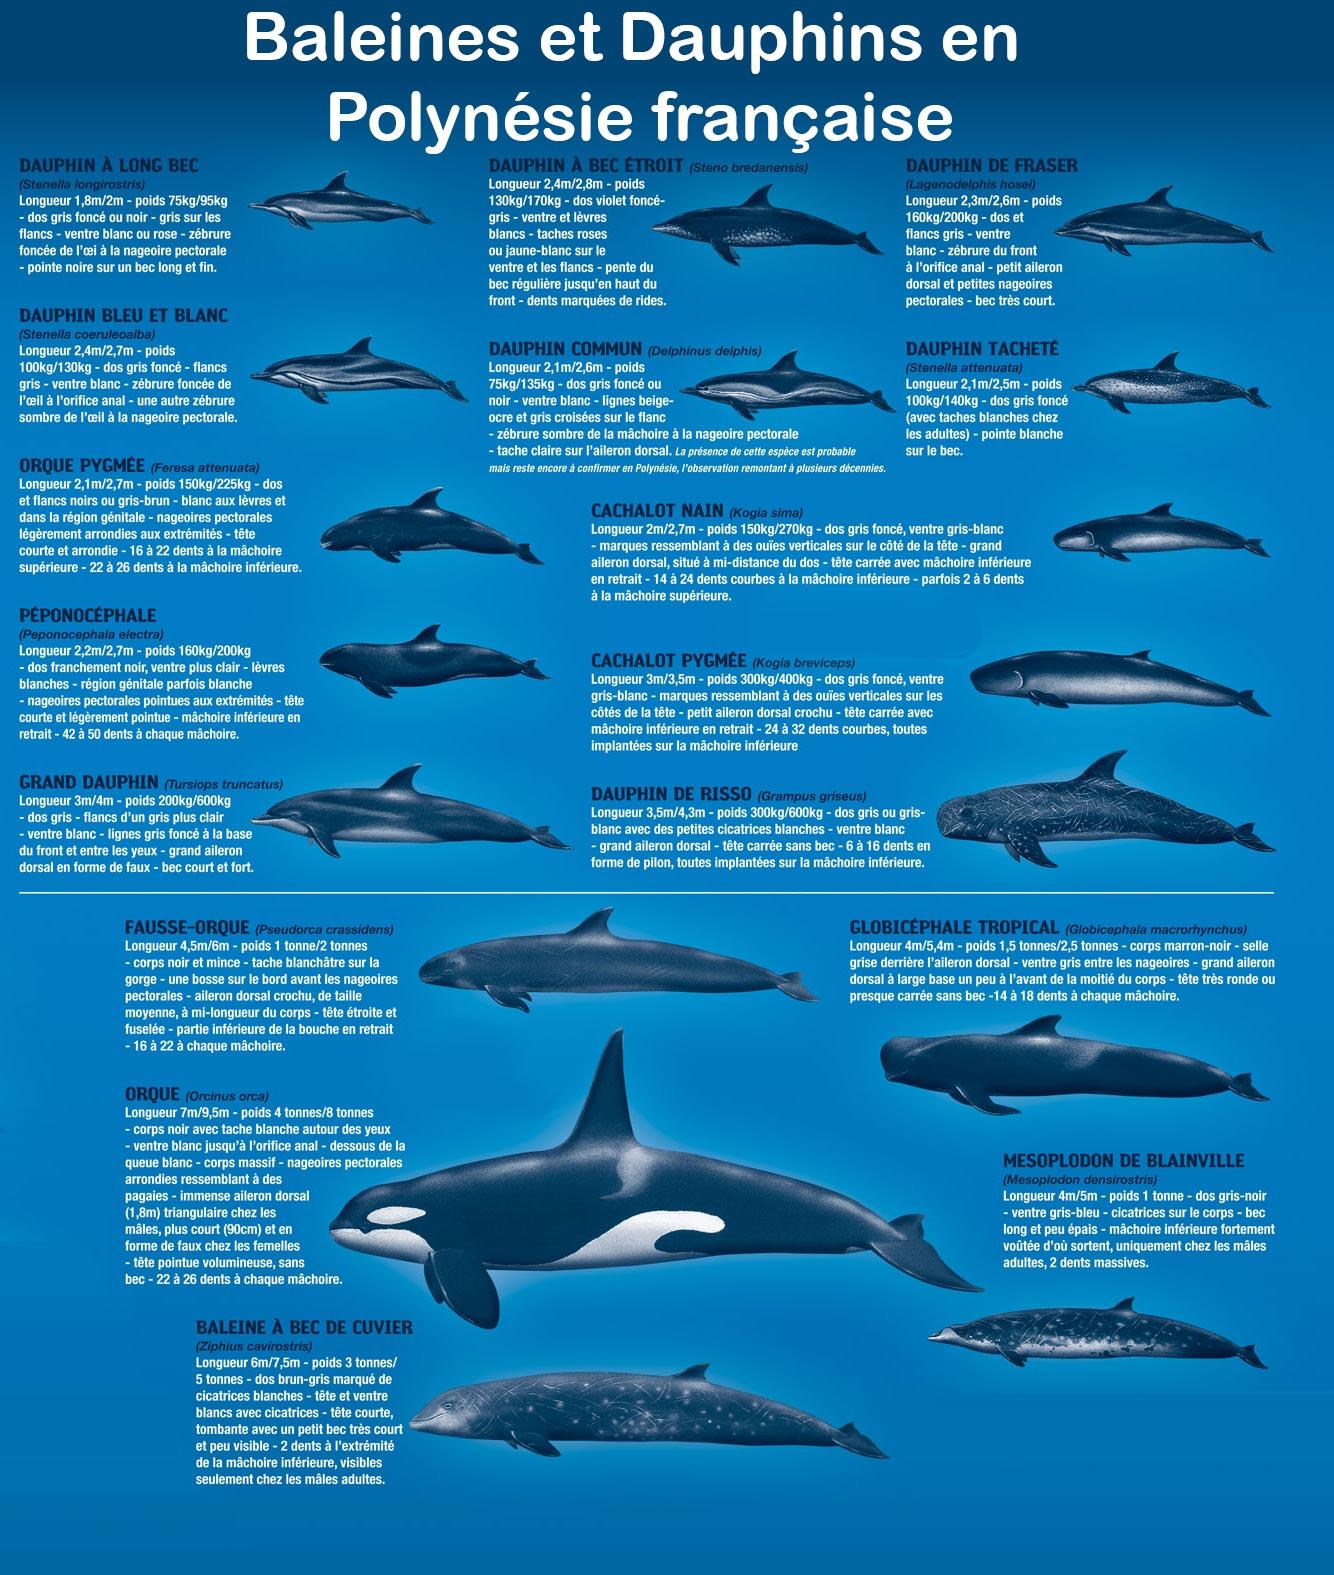 les cetaces de polynesie